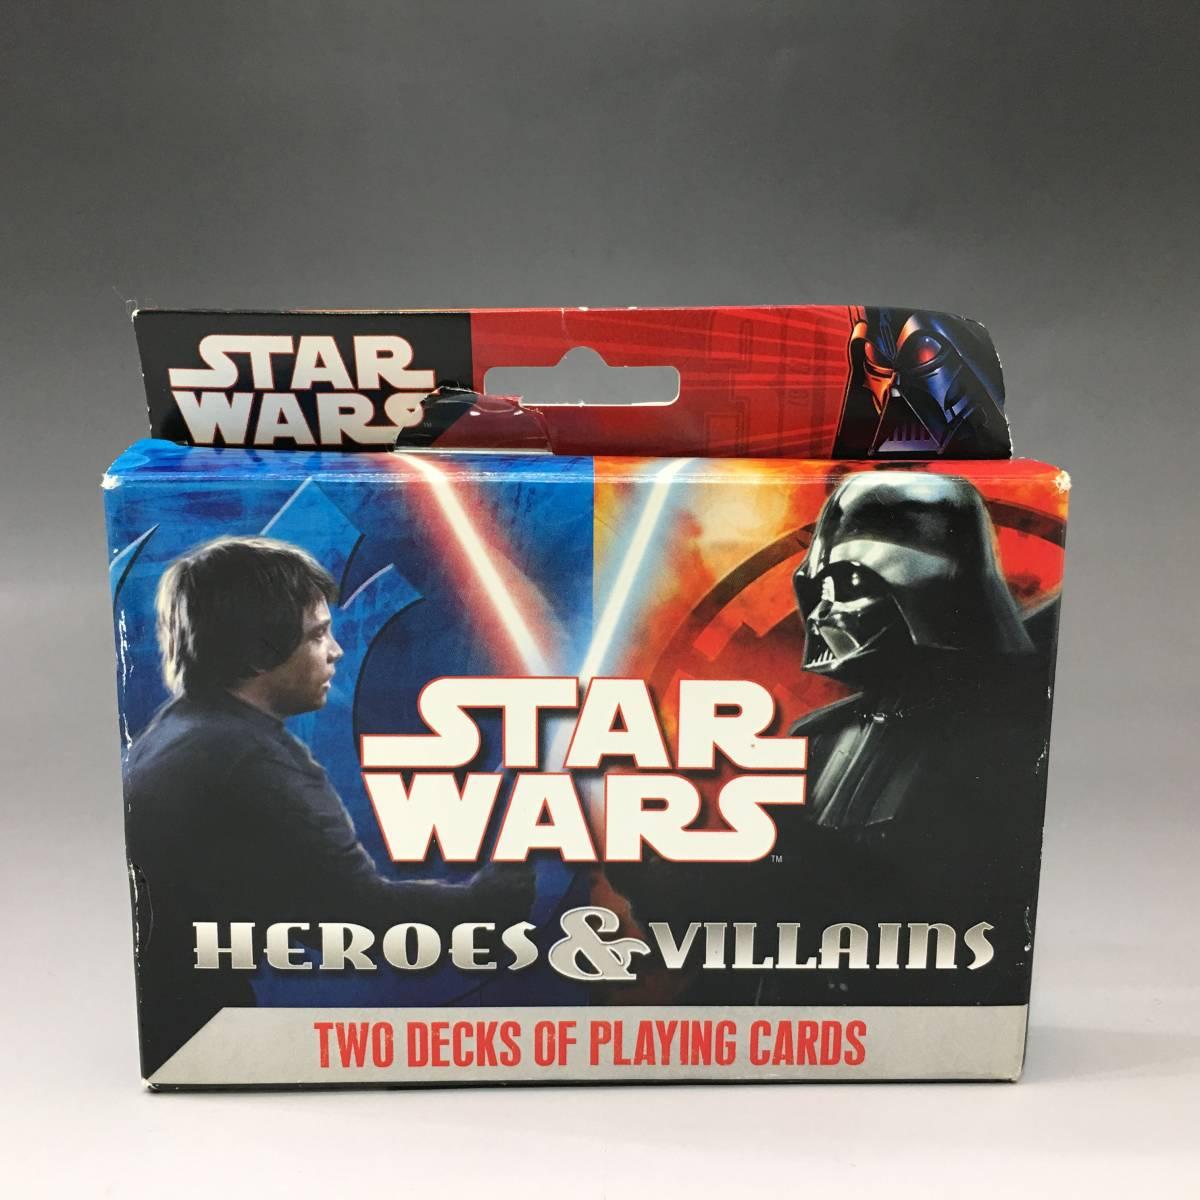 Tb10/31/09 【未使用品】 スターウォーズ プレイングカード HEROES&VILLAINS 2デッキセット トランプ カードゲーム_画像2